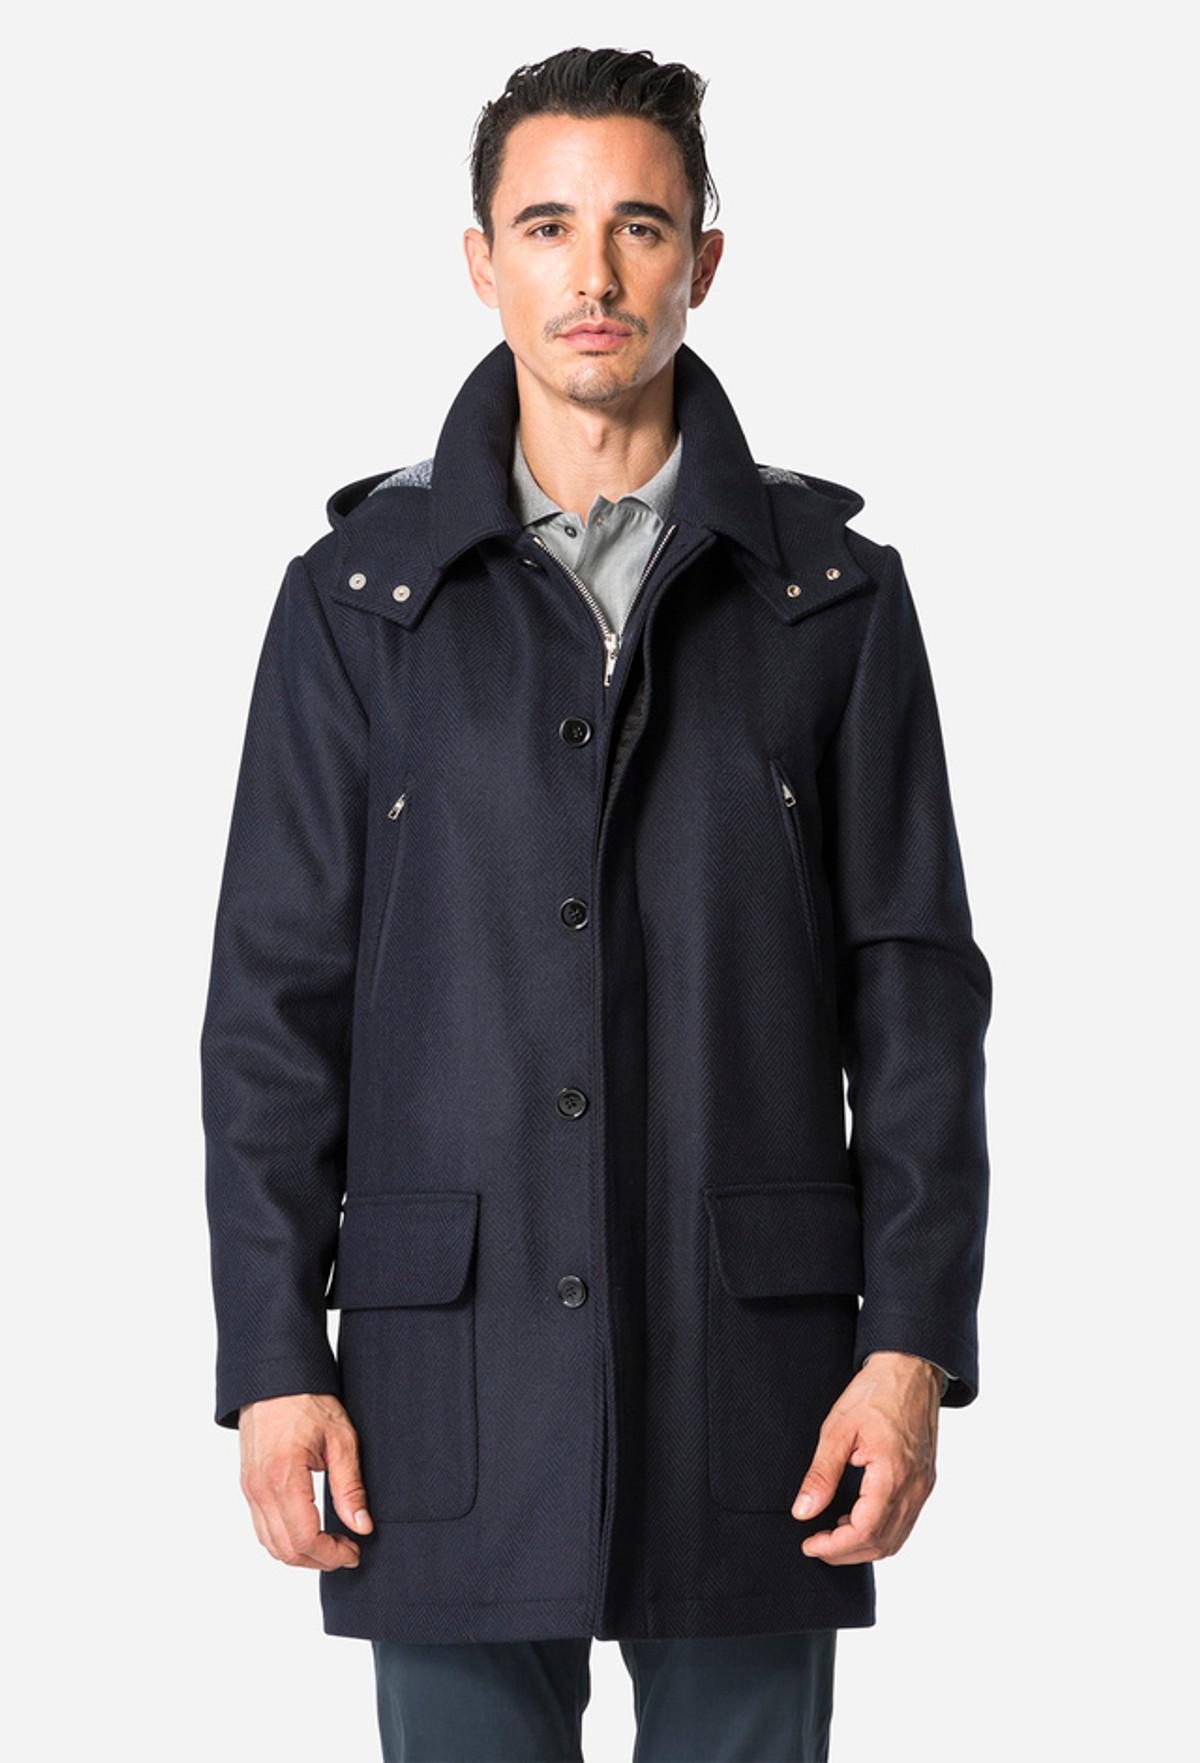 Navy Walking Jacket